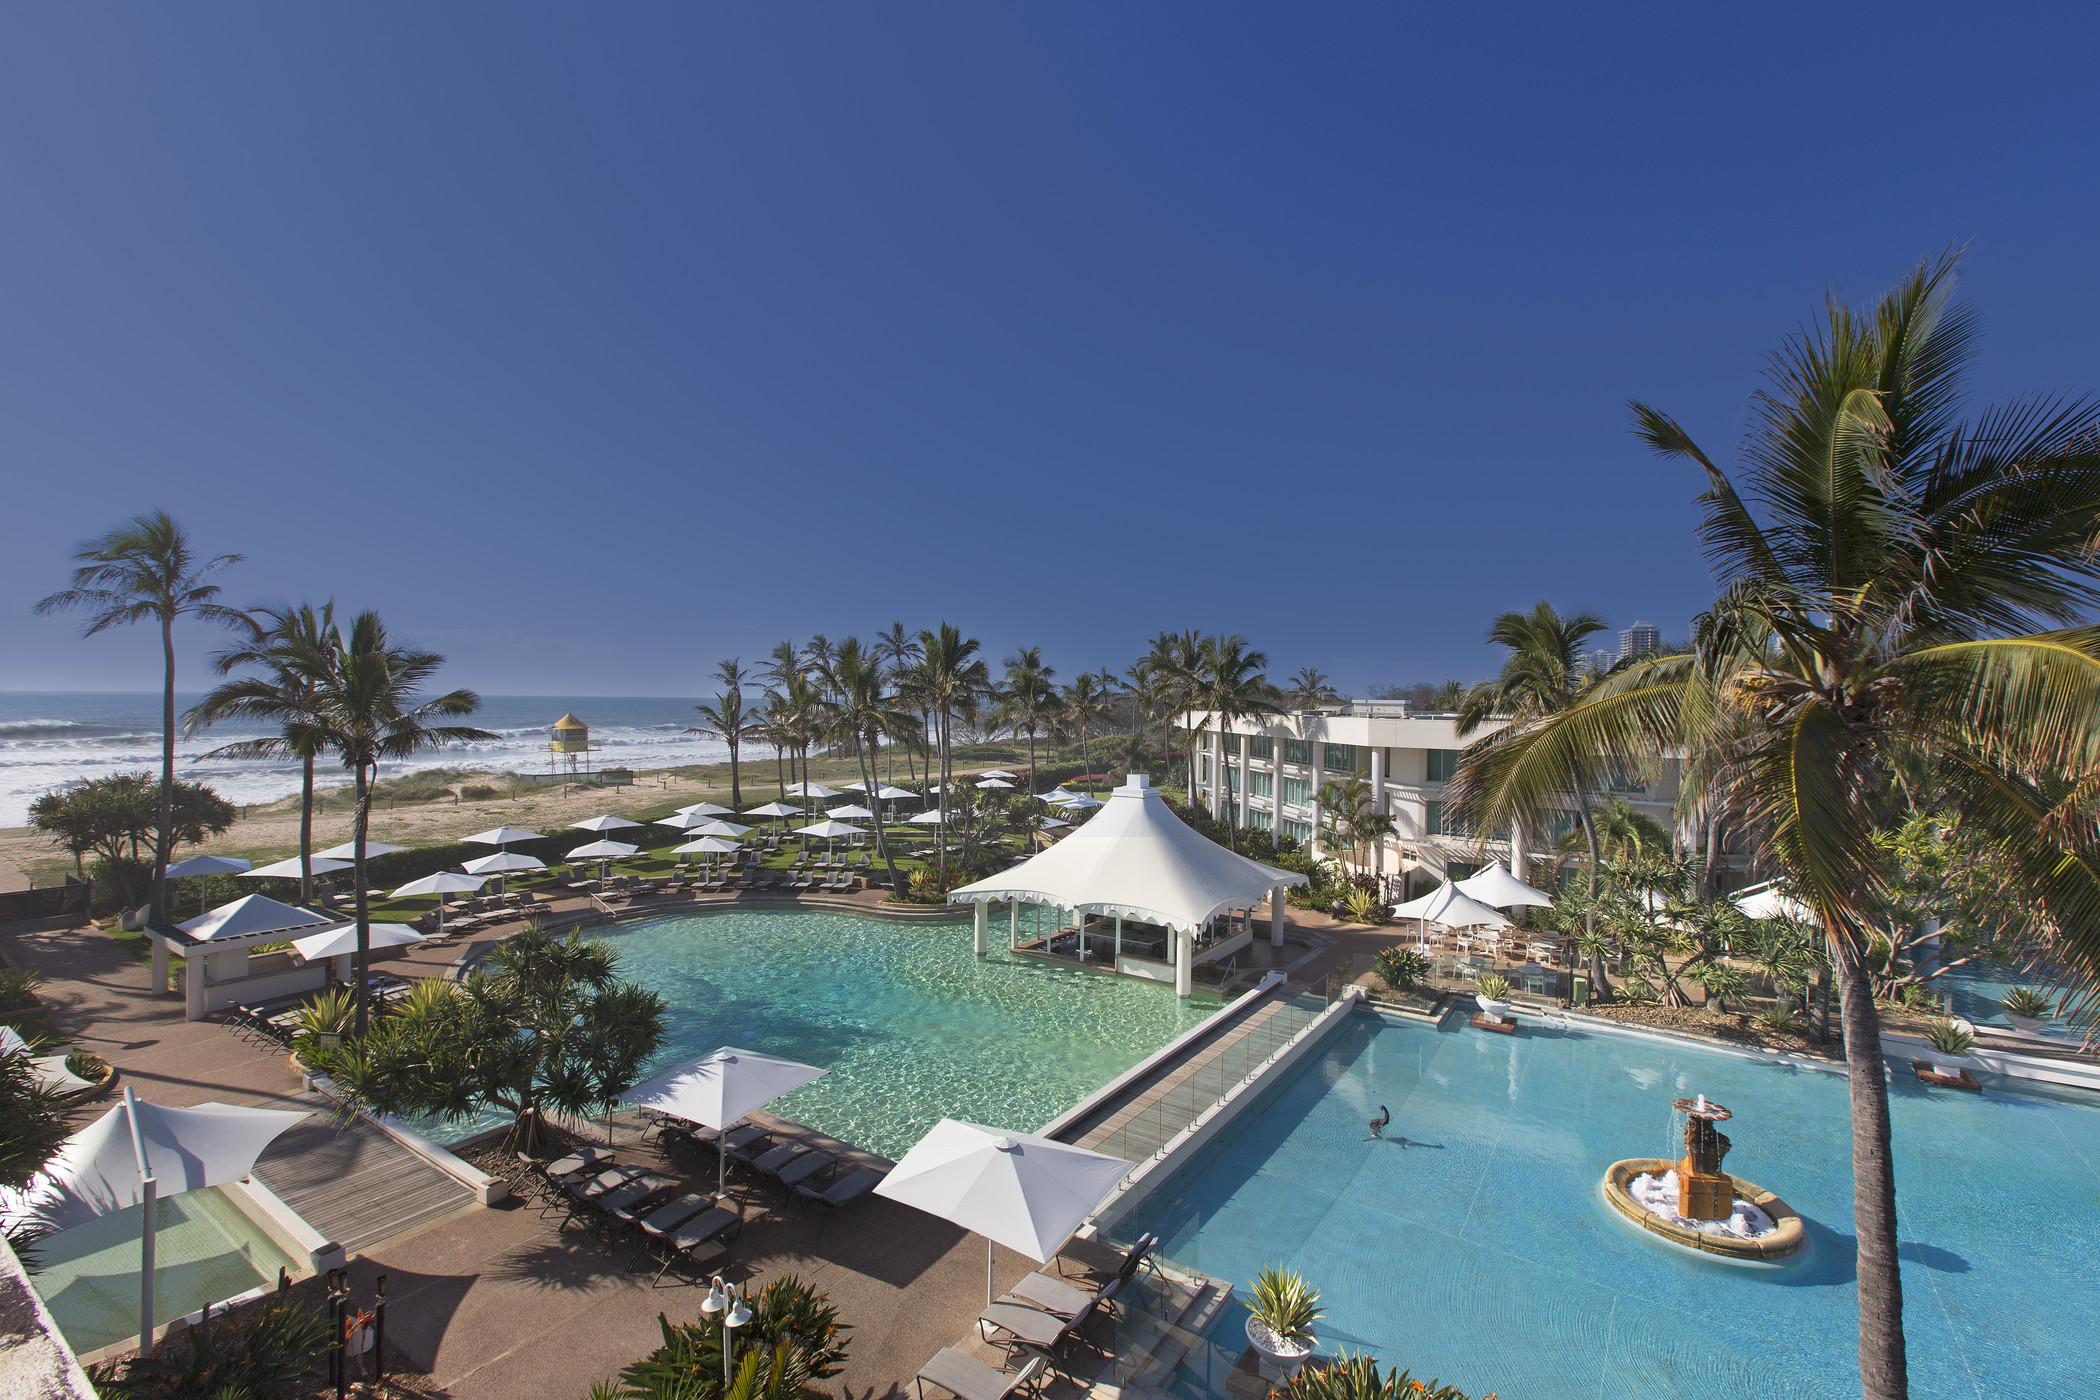 Sheraton-Mirage-Resort Aerial